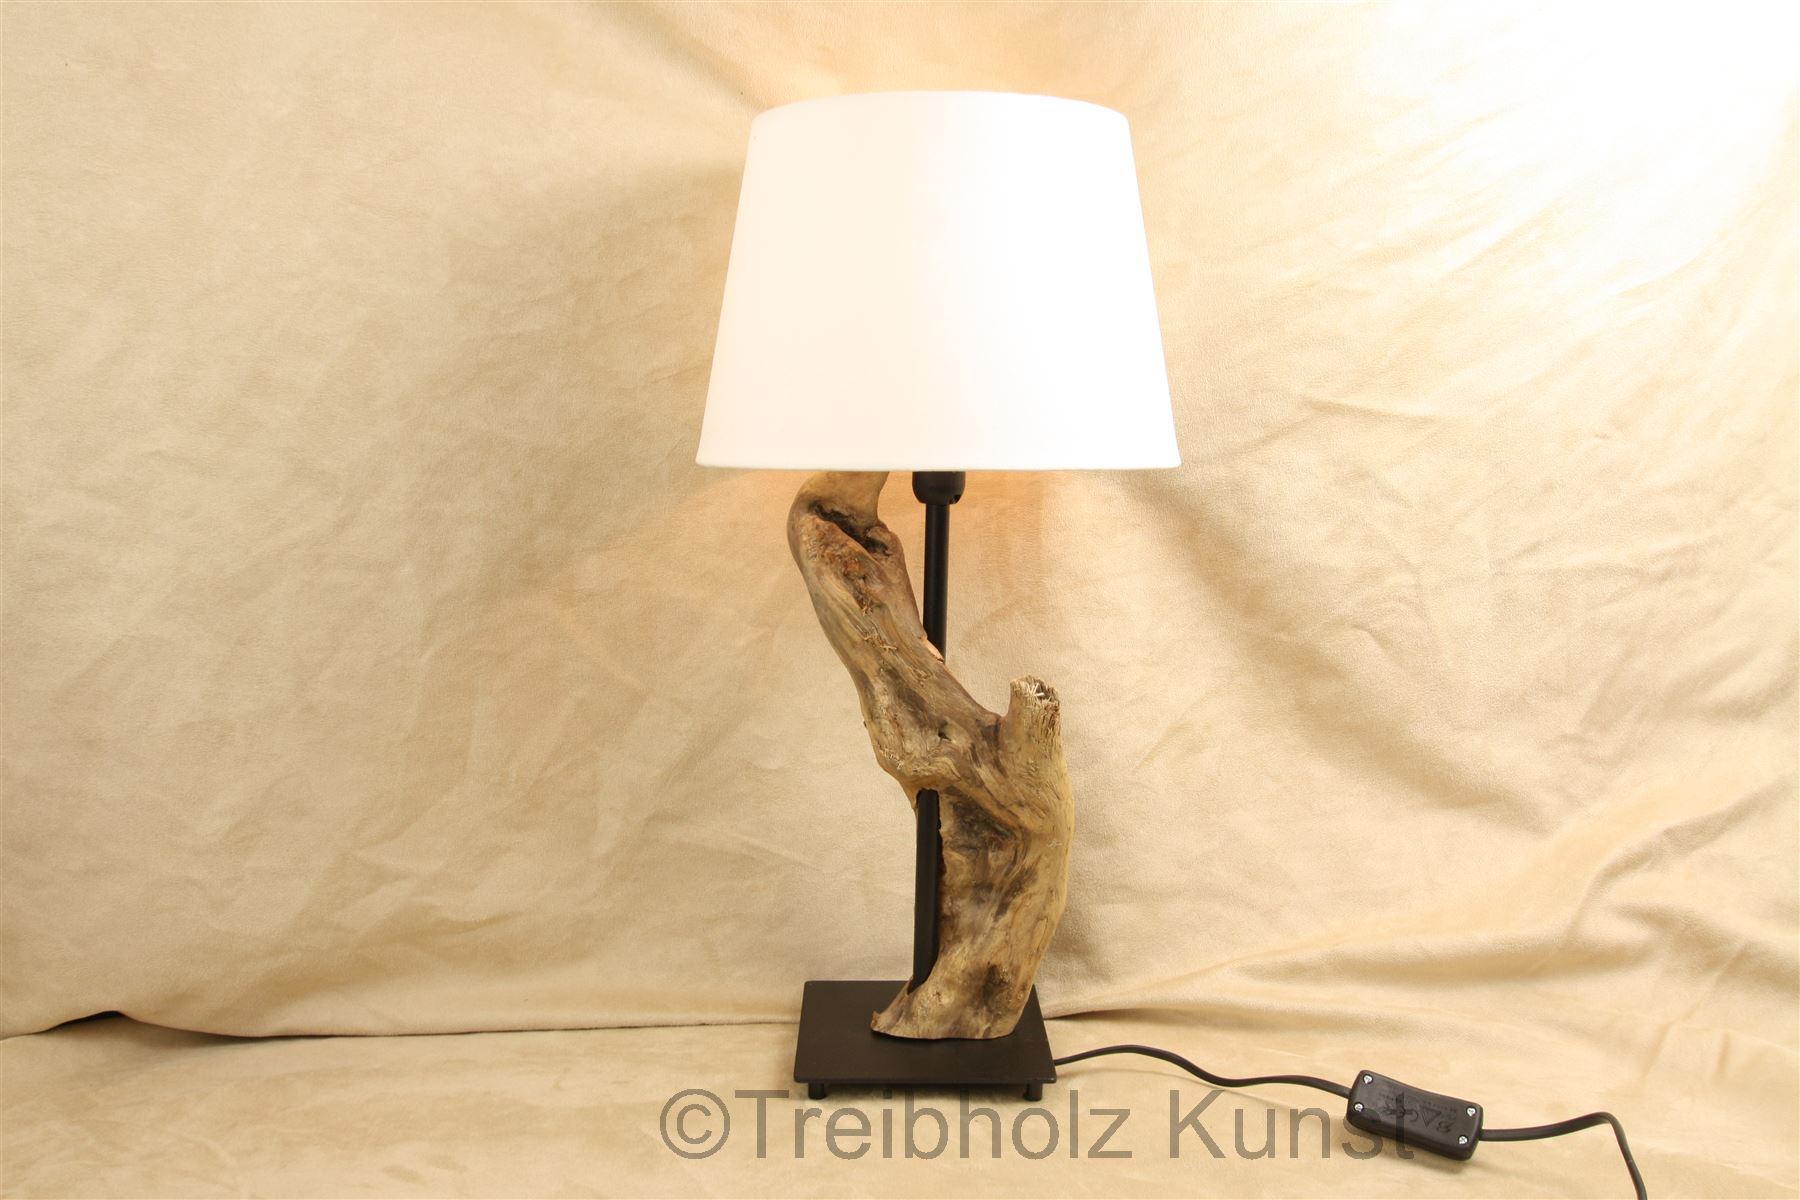 Treibholz nachttischlampe www.treibholz bodensee.de tischlampe